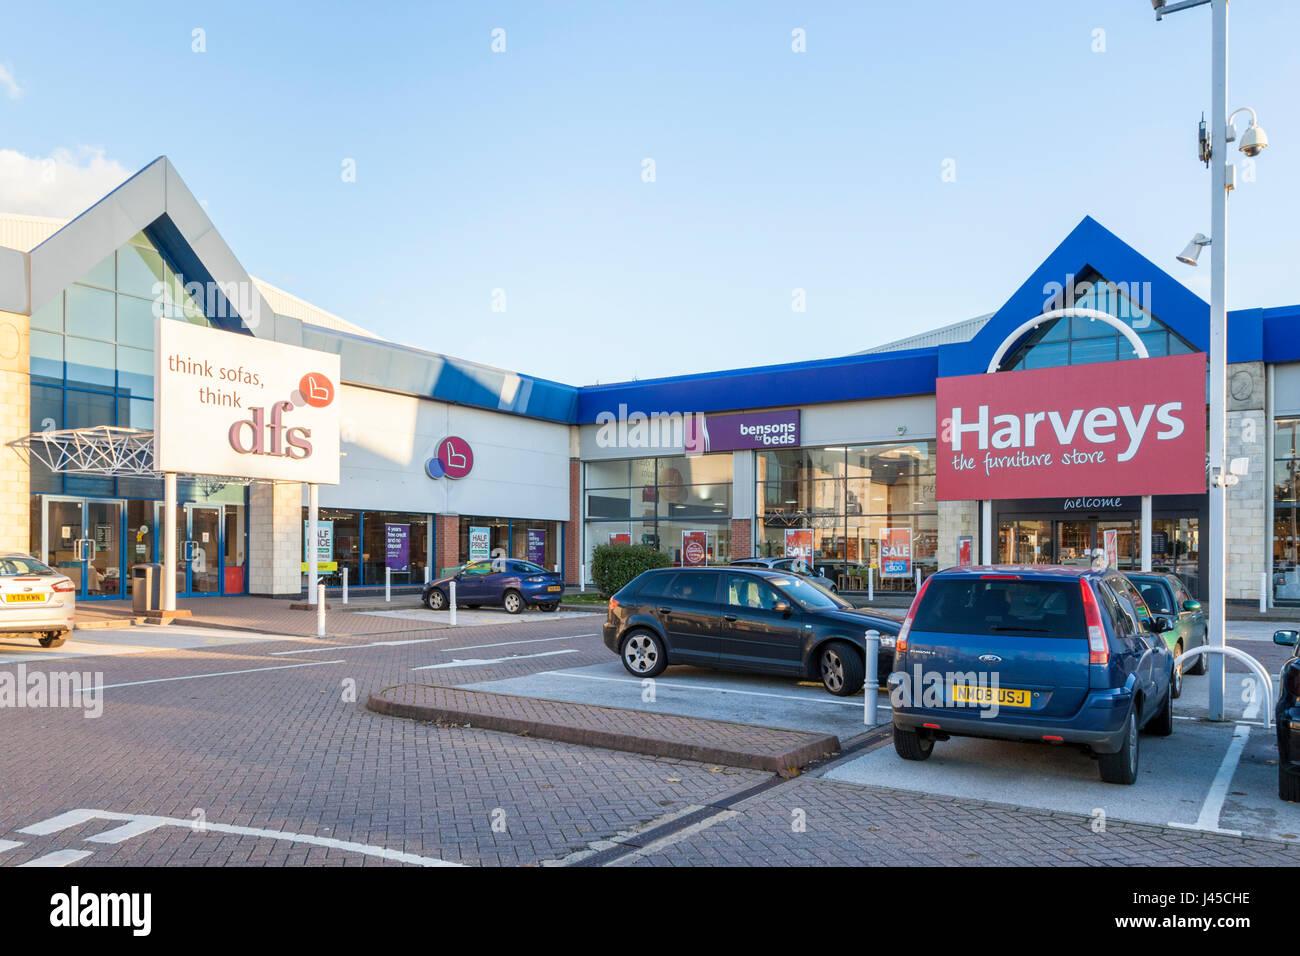 Negozi di mobili: dfs e harveys furniture store accanto a ogni altro a castle marina retail park, Nottingham, Inghilterra, Immagini Stock